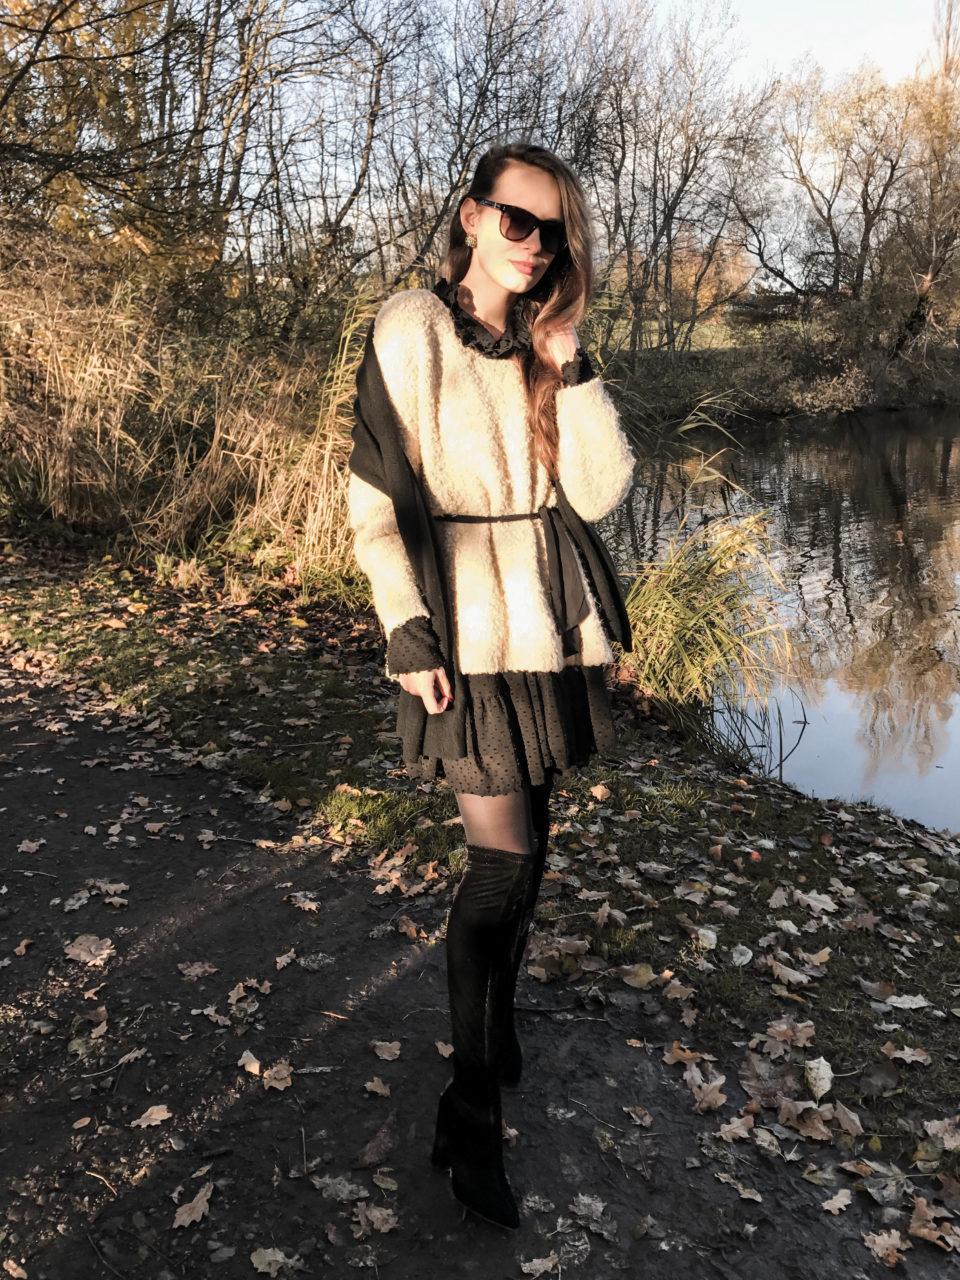 Herbstlook, overknees, fashionblogger, fashionblogger münchen, herbsttrend, schwarze Sonnenbrille, das kleine schwarze, schwarze samtstiefel